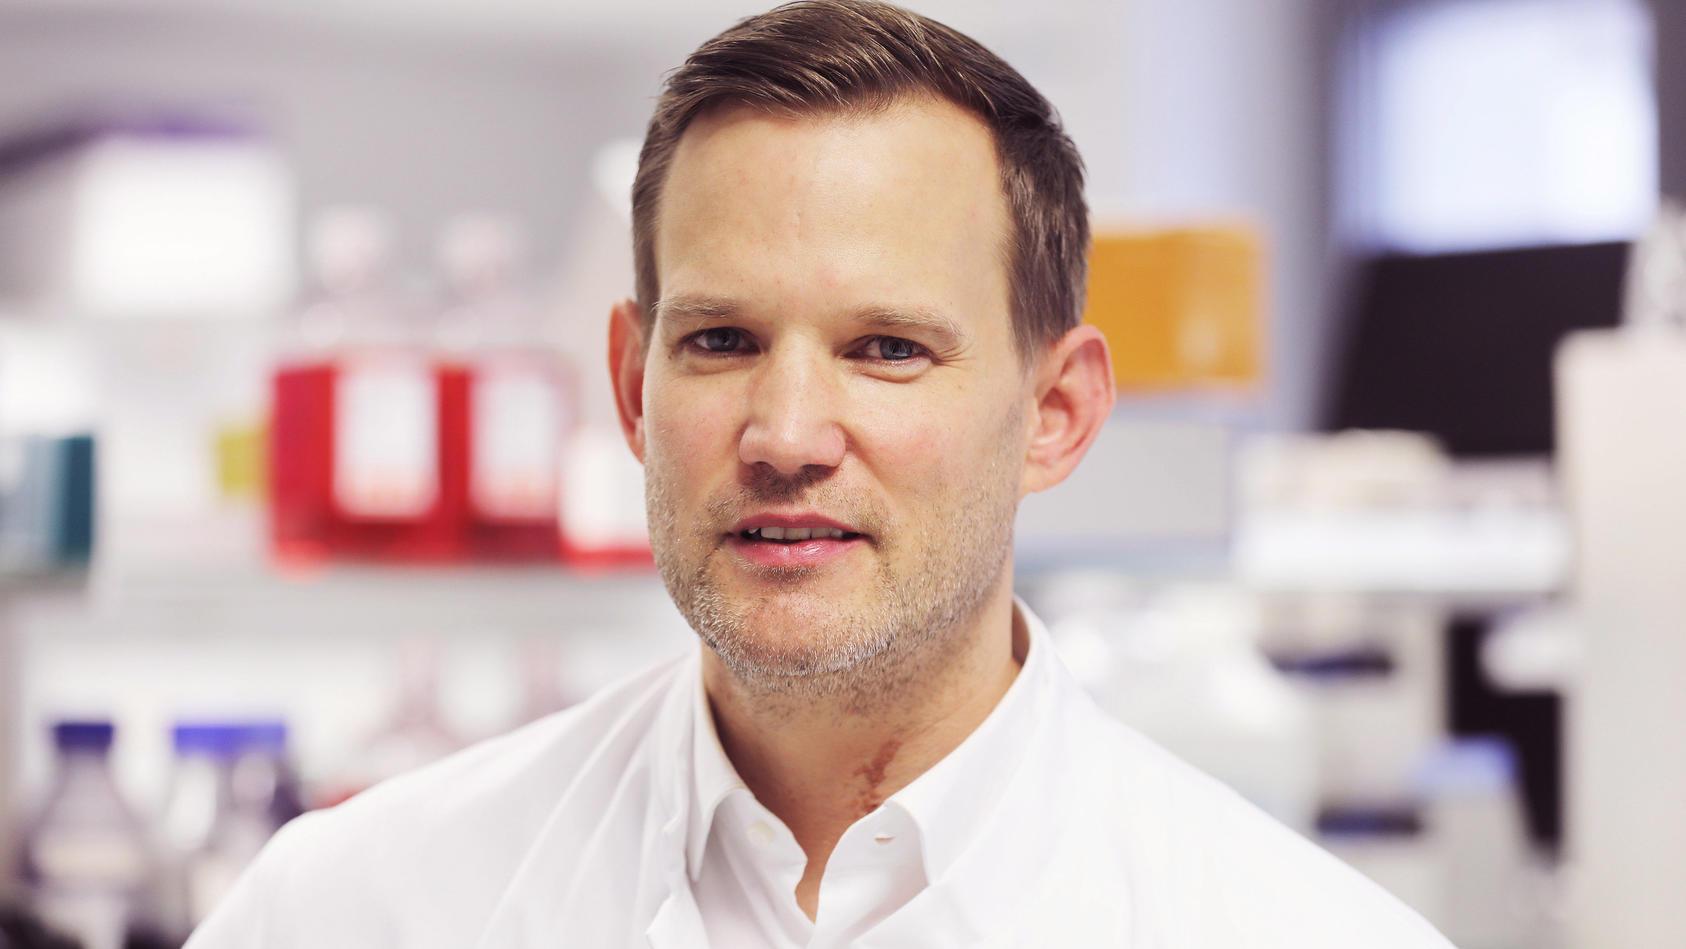 Virologe Hendrik Streeck fordert einen Stresstest, um Grenzen des Gesundheitssystems aufzuzeigen.